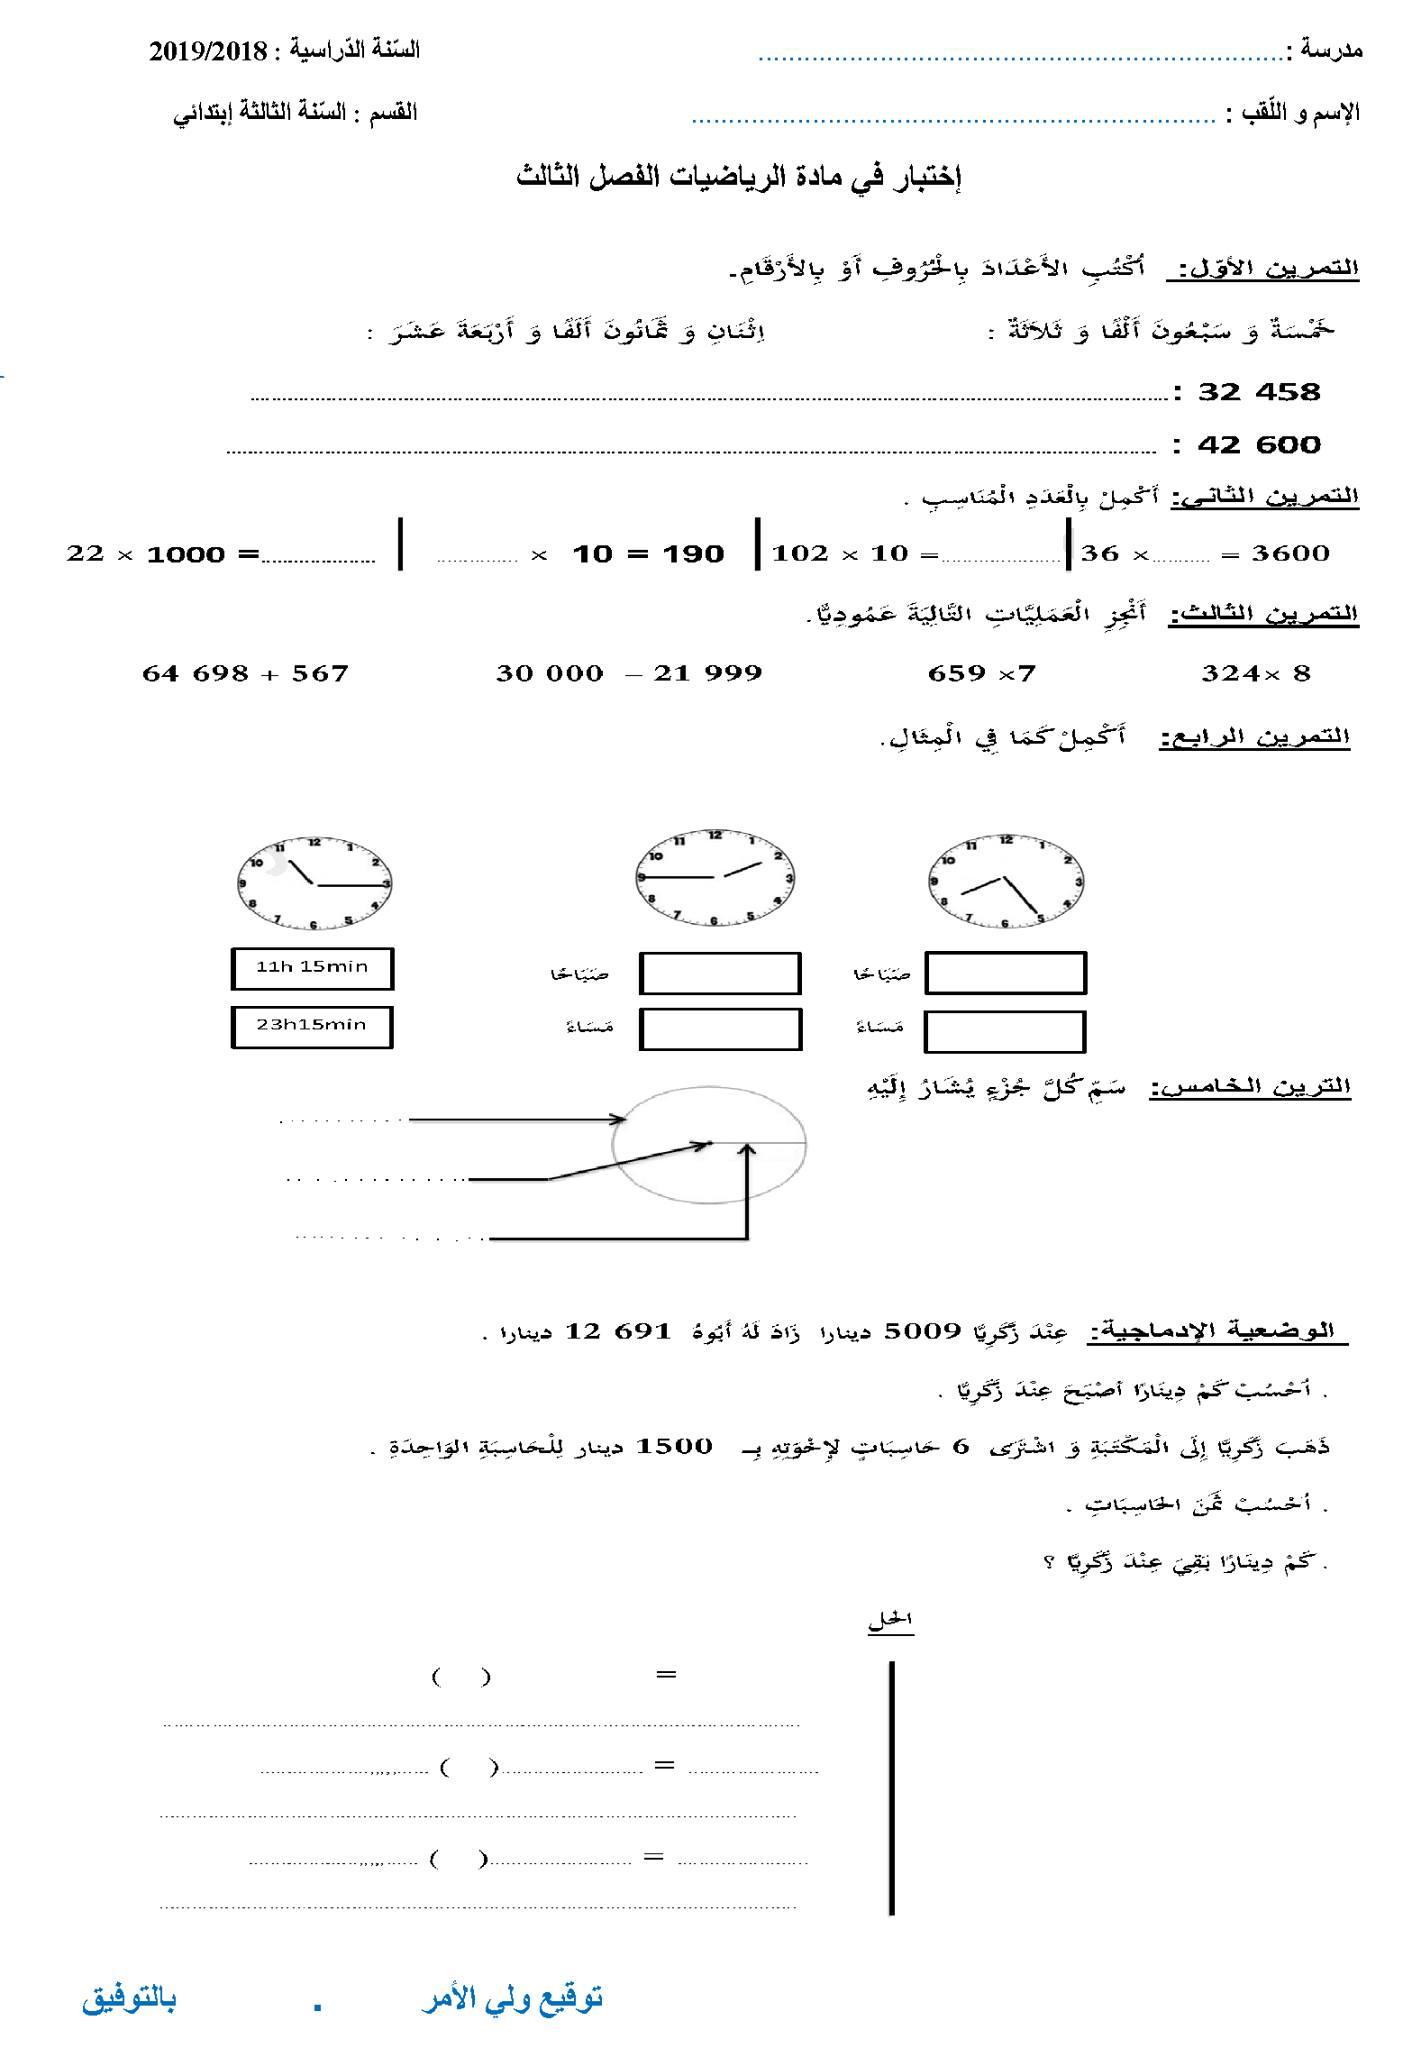 اختبار الفصل الثالث في مادة الرياضيات   السنة الثالثة ابتدائي   الموضوع 04